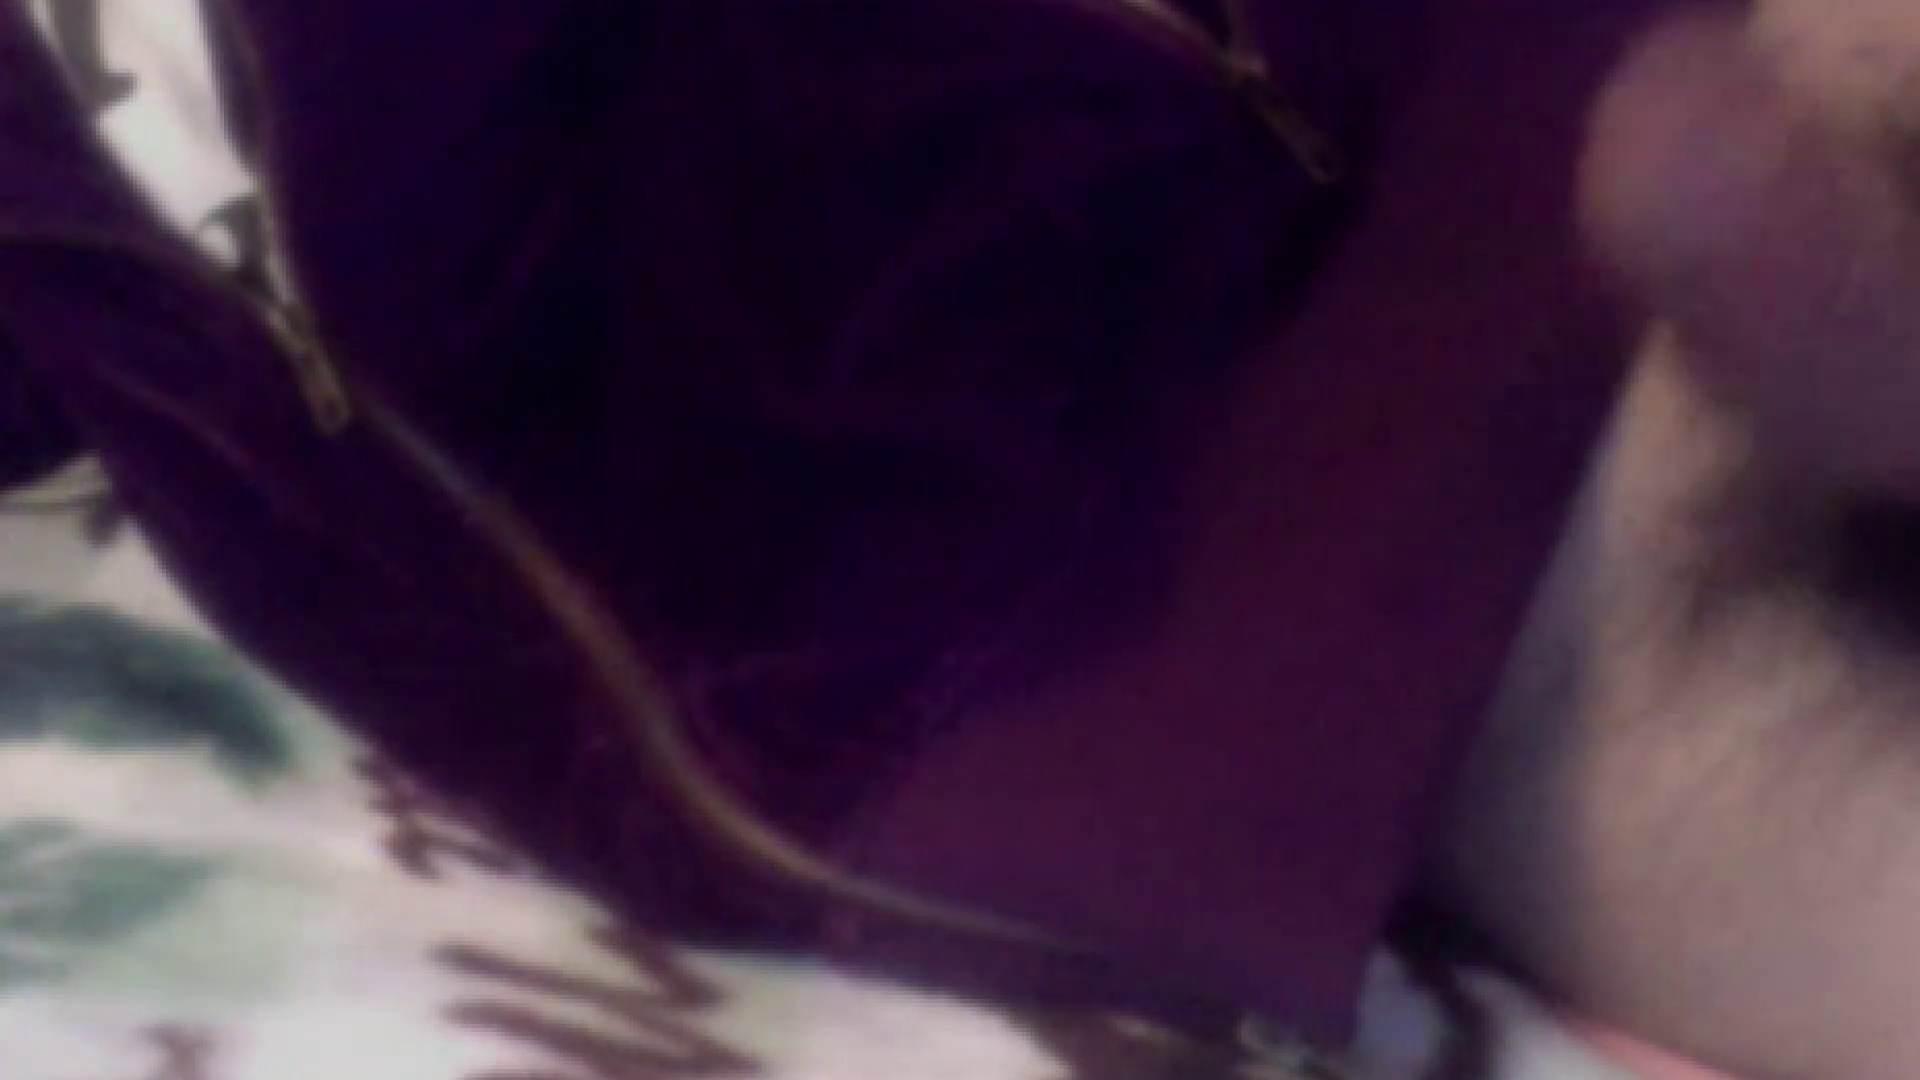 巨根 オナニー塾Vol.08 オナニー | モザ無し アダルトビデオ画像キャプチャ 106枚 38